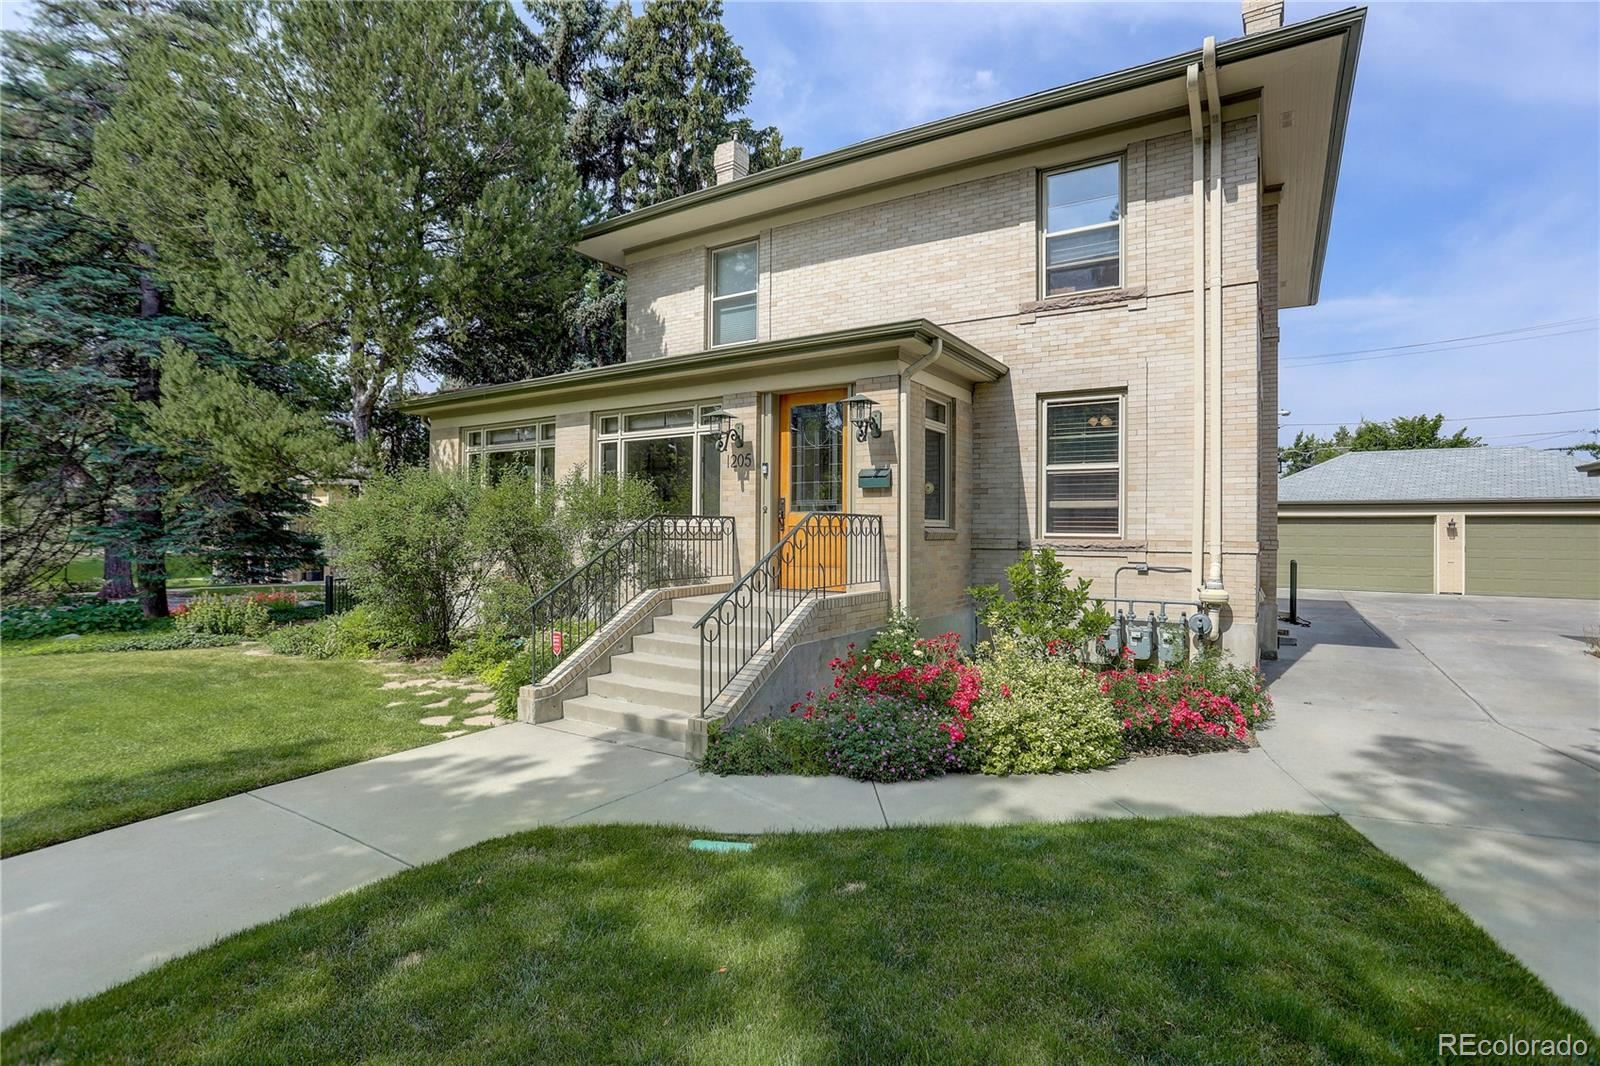 Photo of 1205 Oneida Street, Denver, CO 80220 (MLS # 3390023)